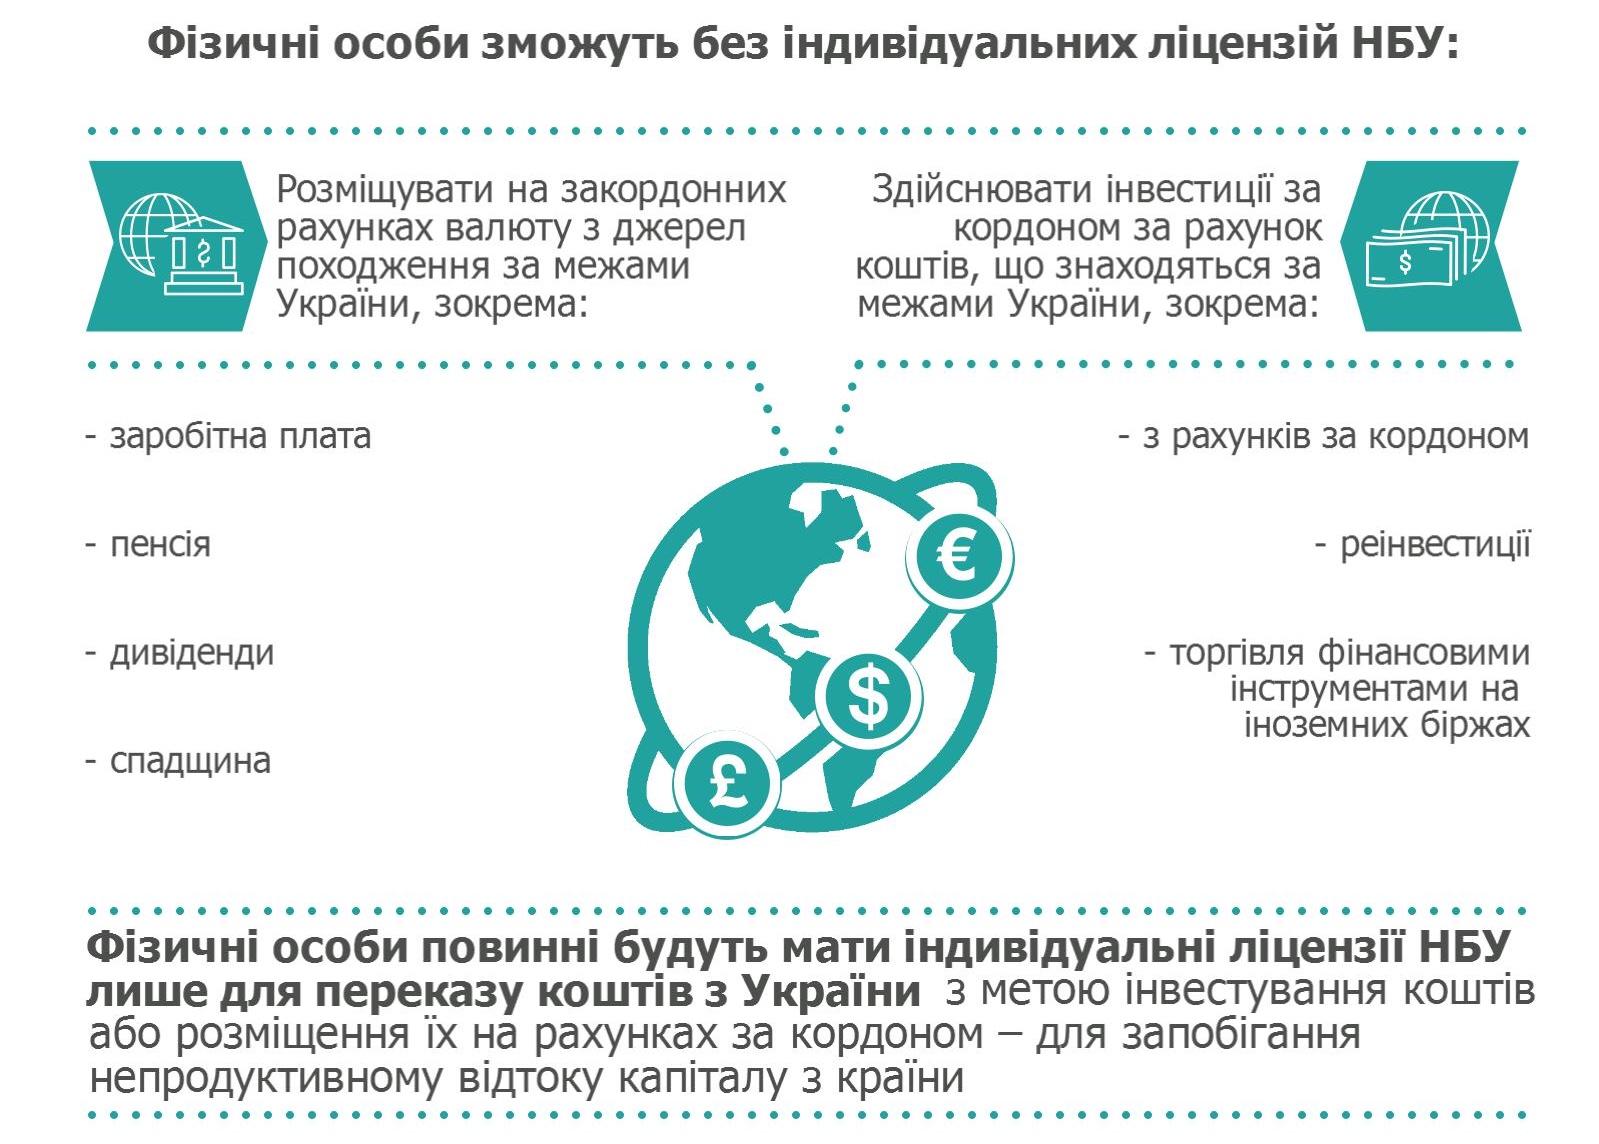 Это один маленький шаг для Национального Банка и огромный скачок для всей Украины